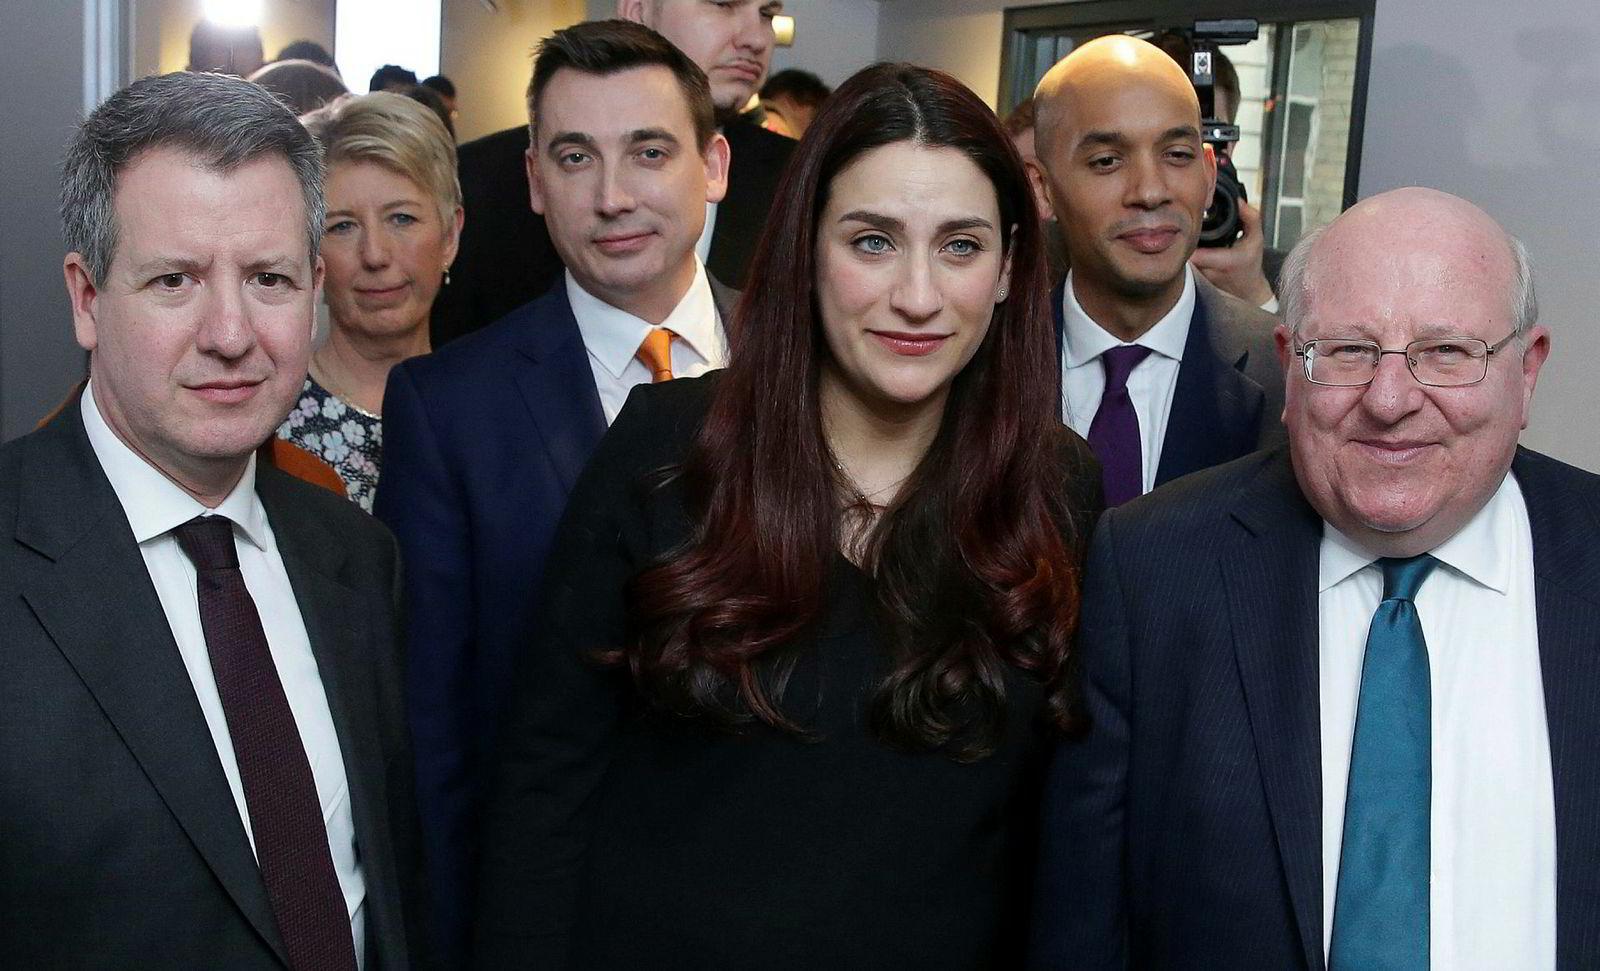 Denne gjengen har brutt med Labour og dannet en ny uavhengig gruppe i det britiske parlamentet. Fra venstre Chris Leslie, Angela Smith, Gavin Shuker, Luciana Berger, Chuka Umunna og Mike Gapes.